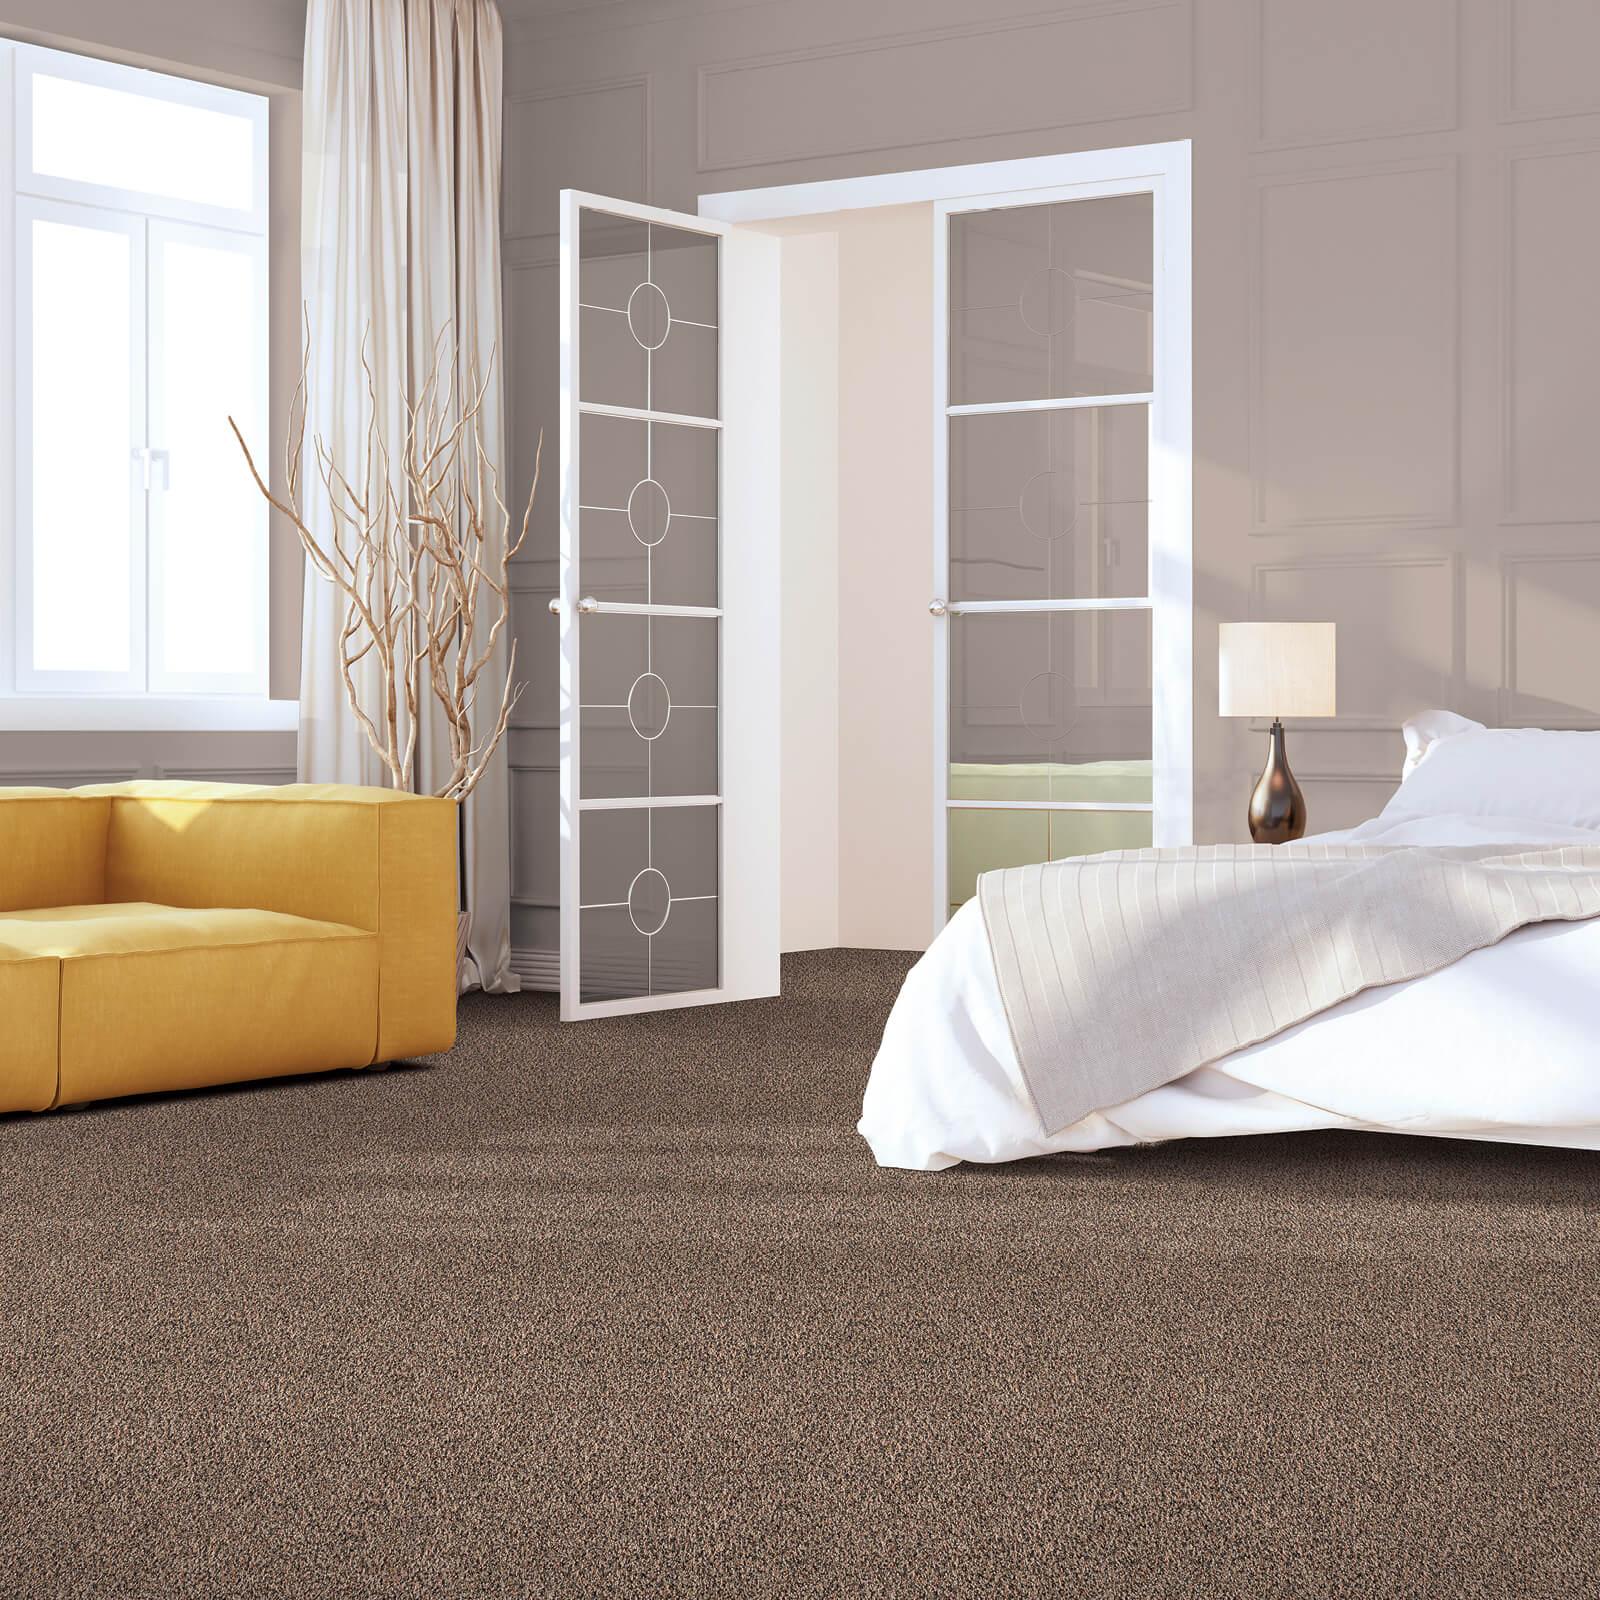 Impressive carpet in bedroom | We'll Floor You